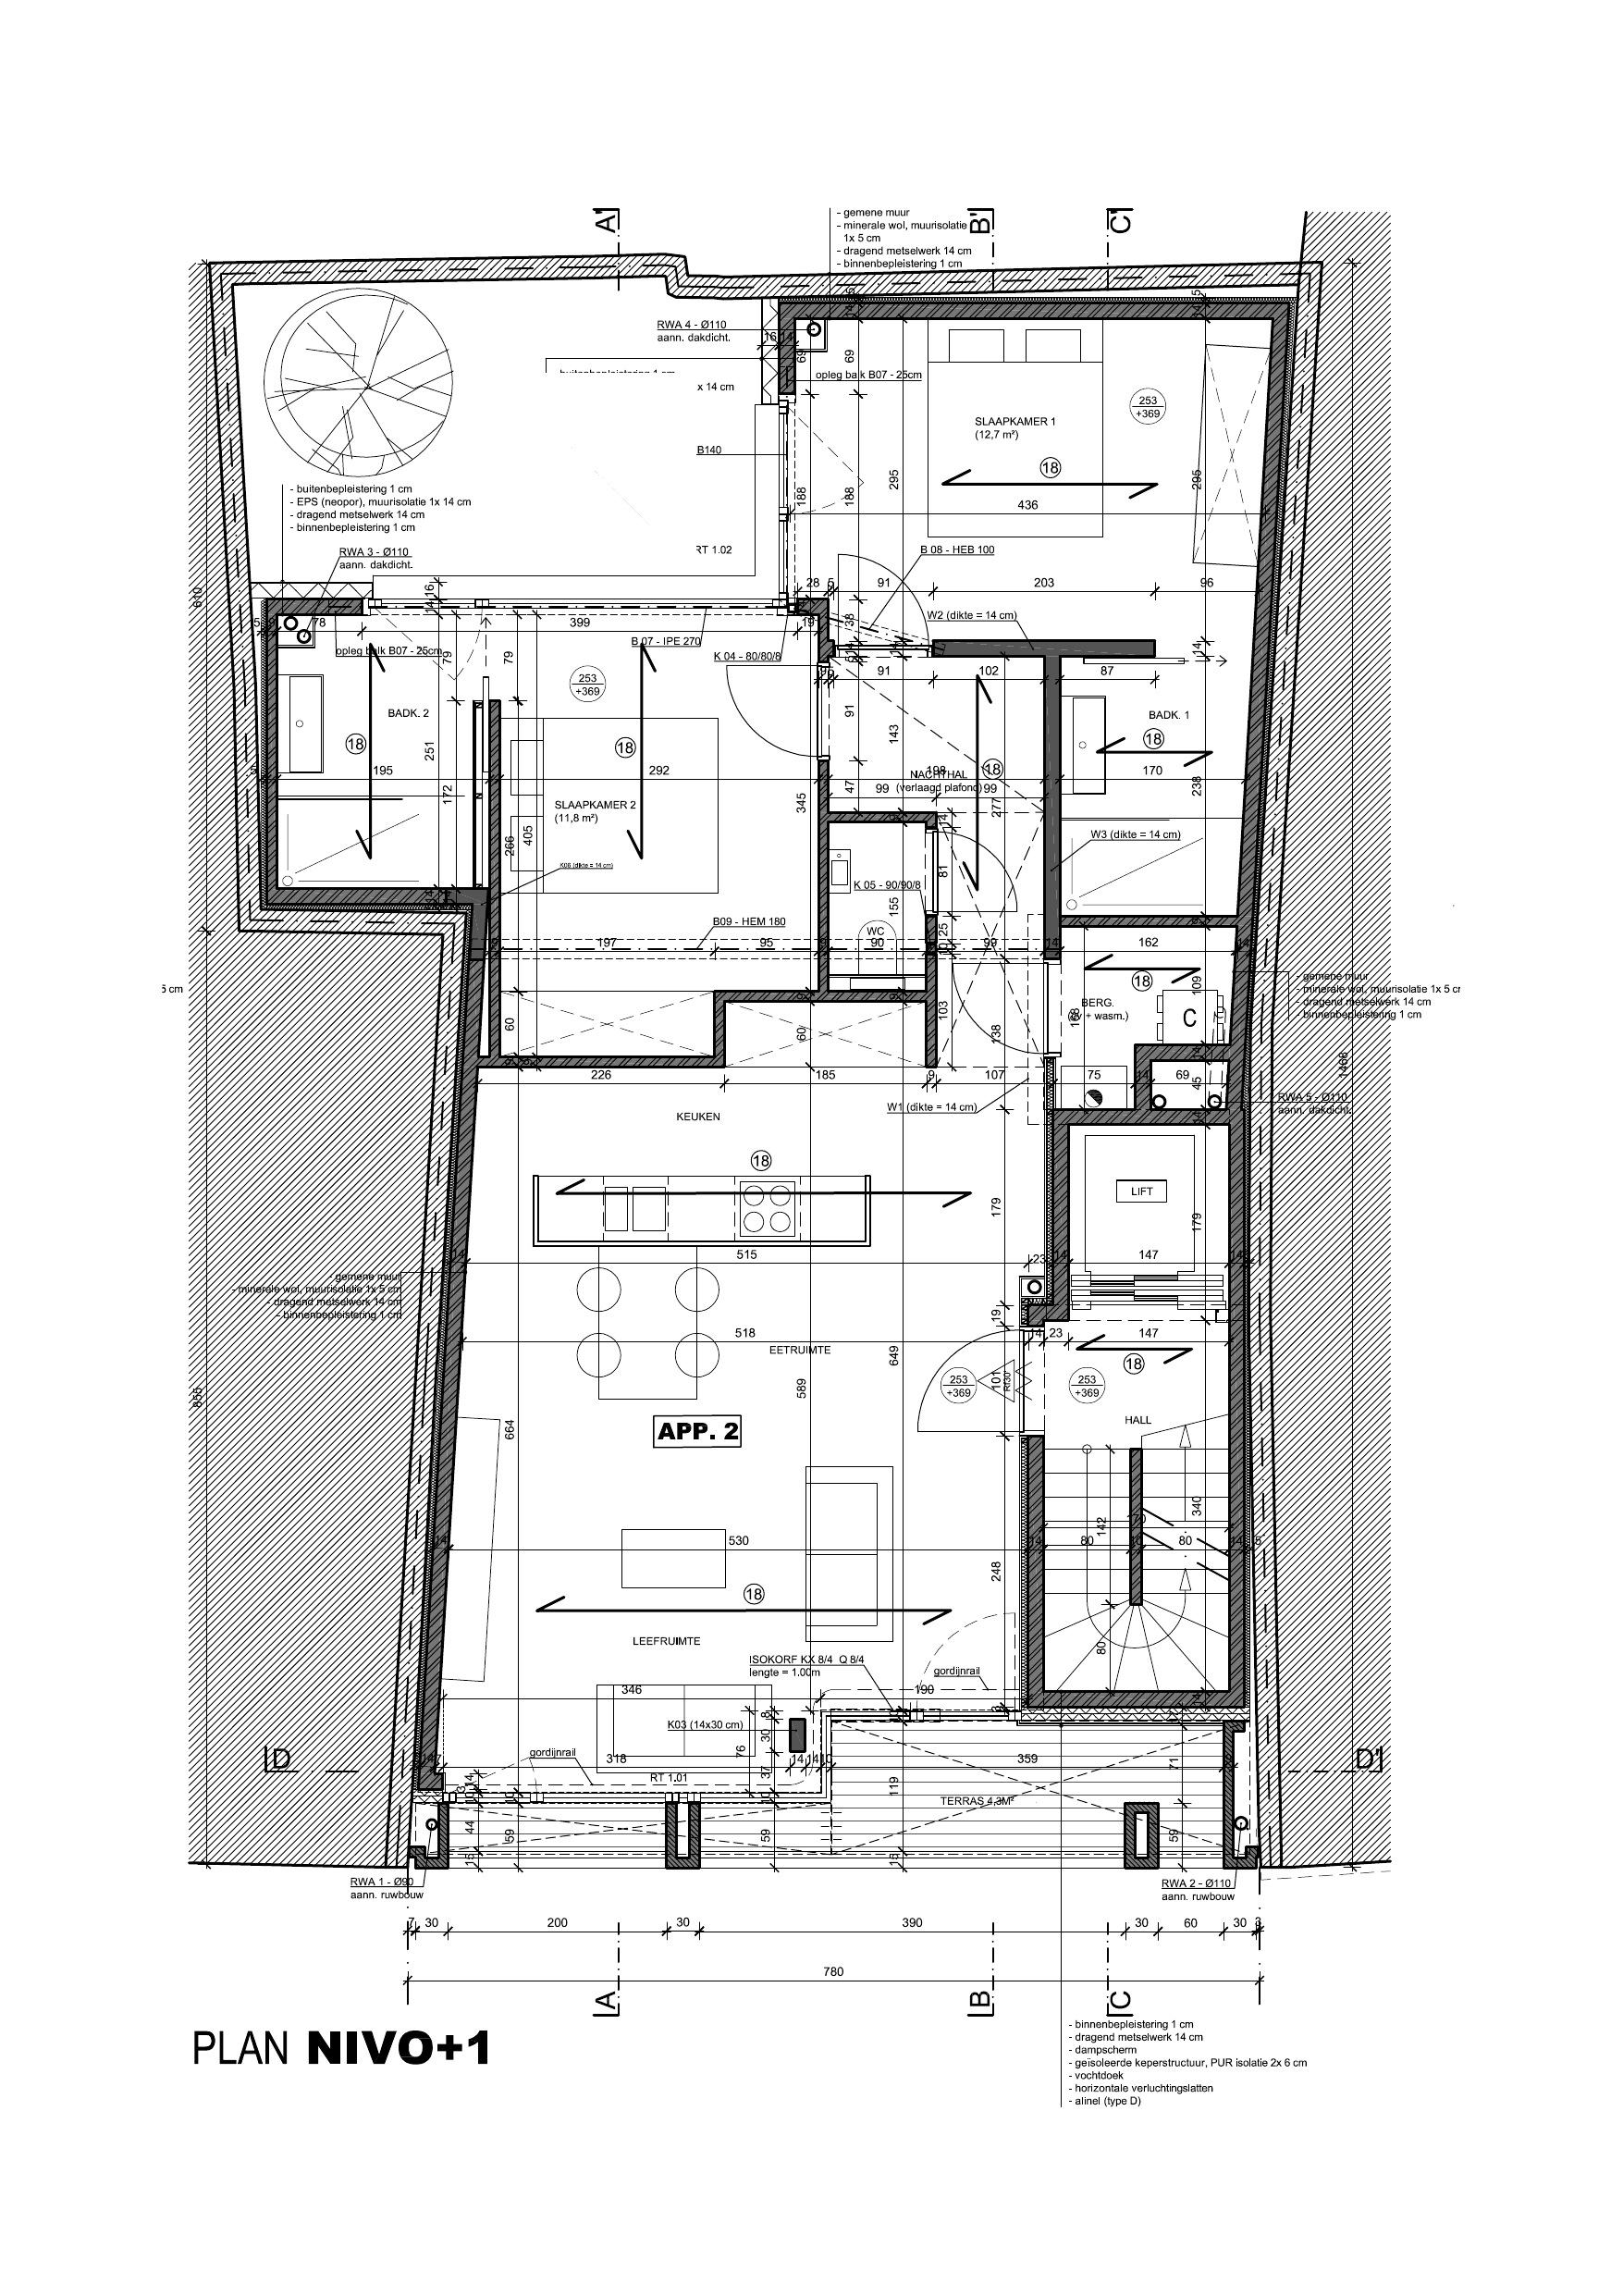 K-appart 1ste verdieping